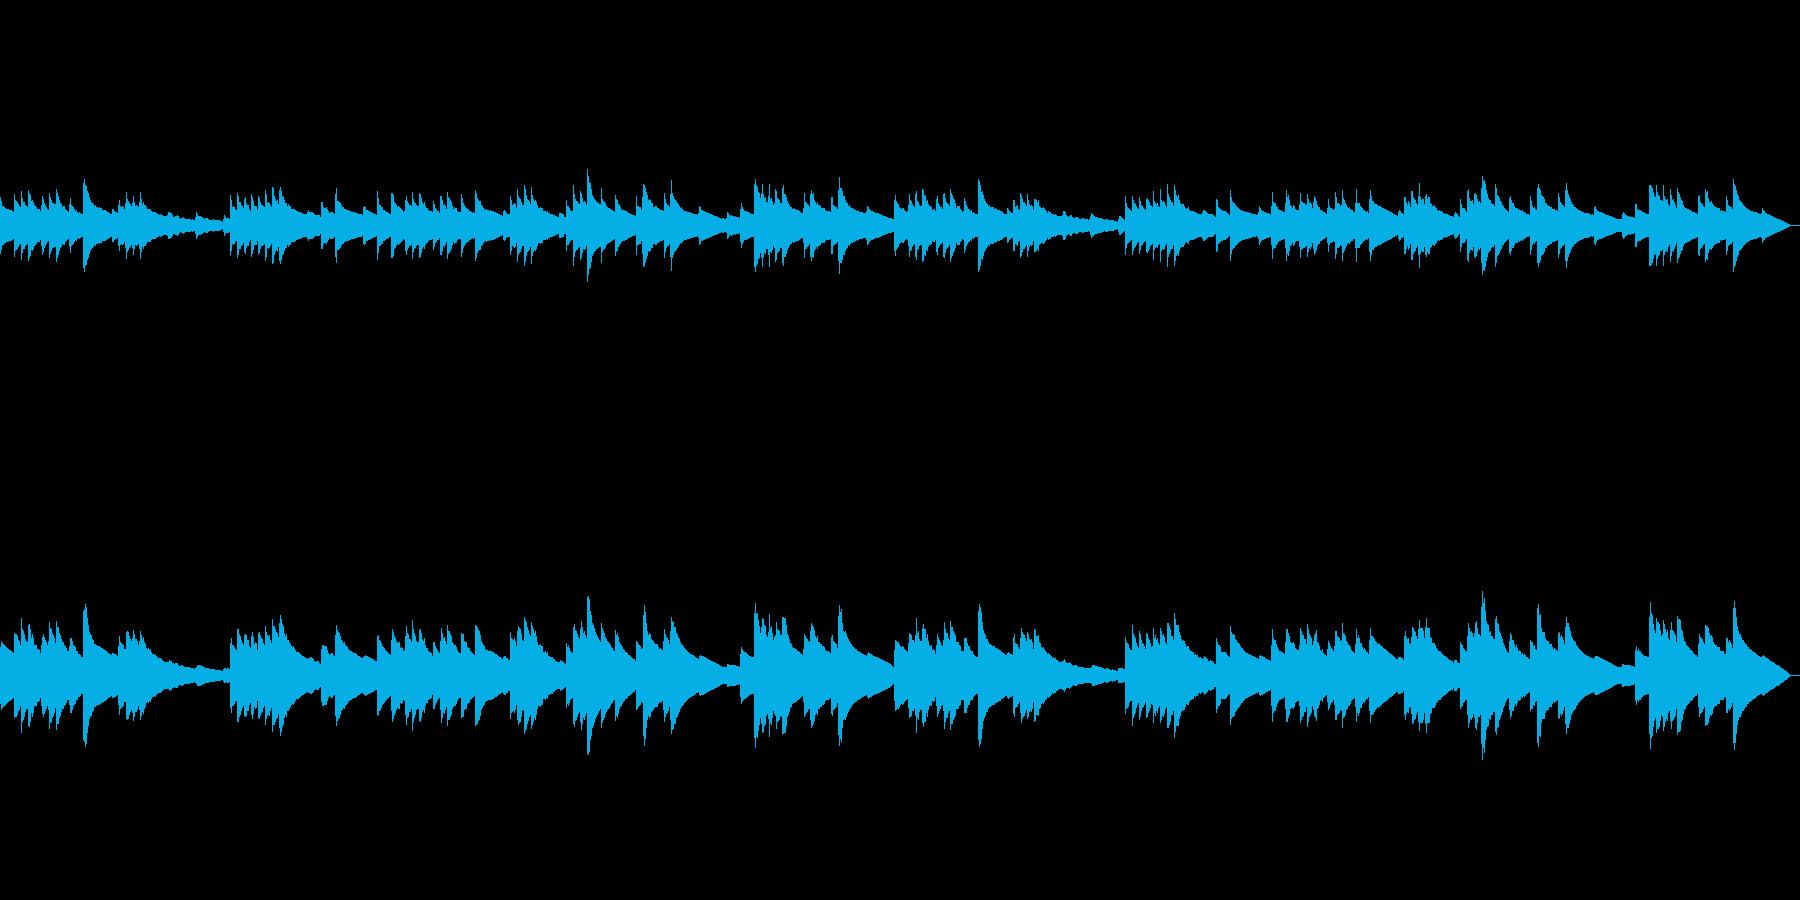 静かな森・まったり・神秘的・癒しのBGMの再生済みの波形